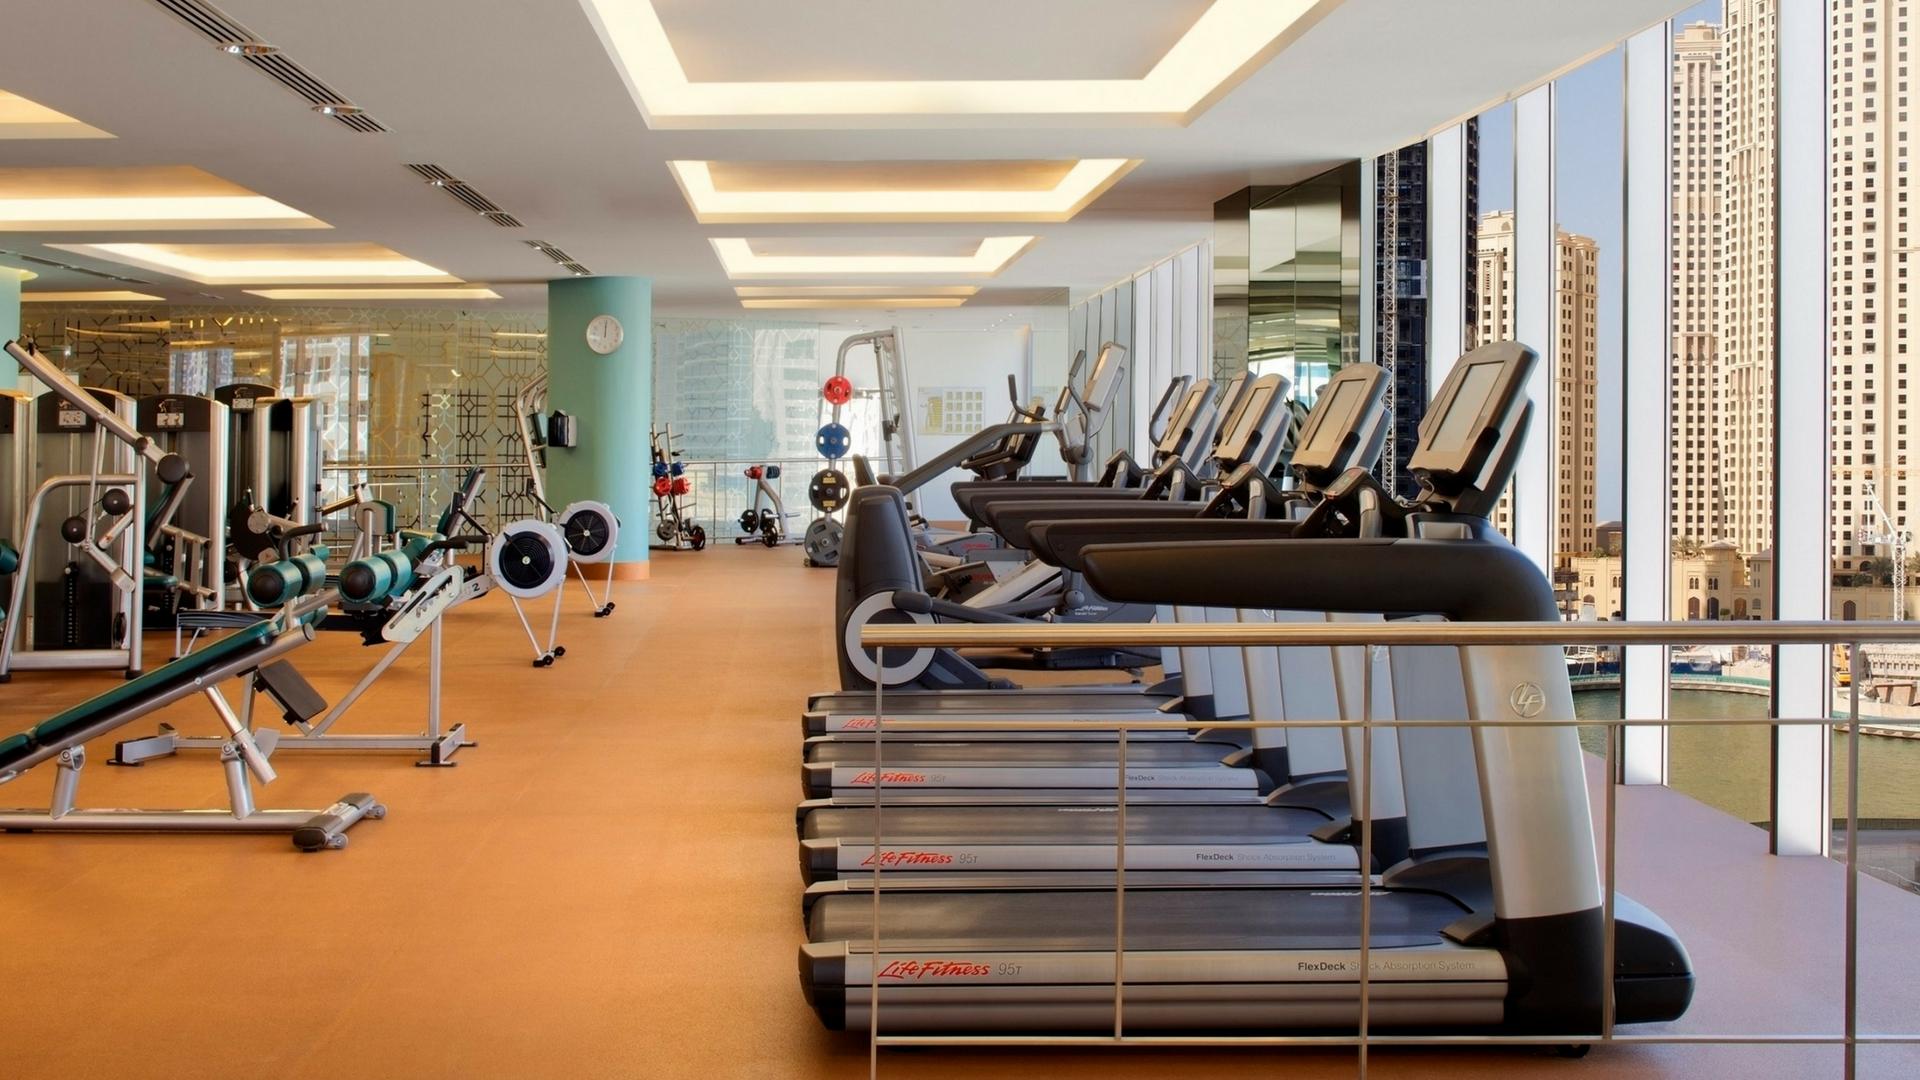 مركز-اللياقة-البدنية-العنوان-دبي-مارينا